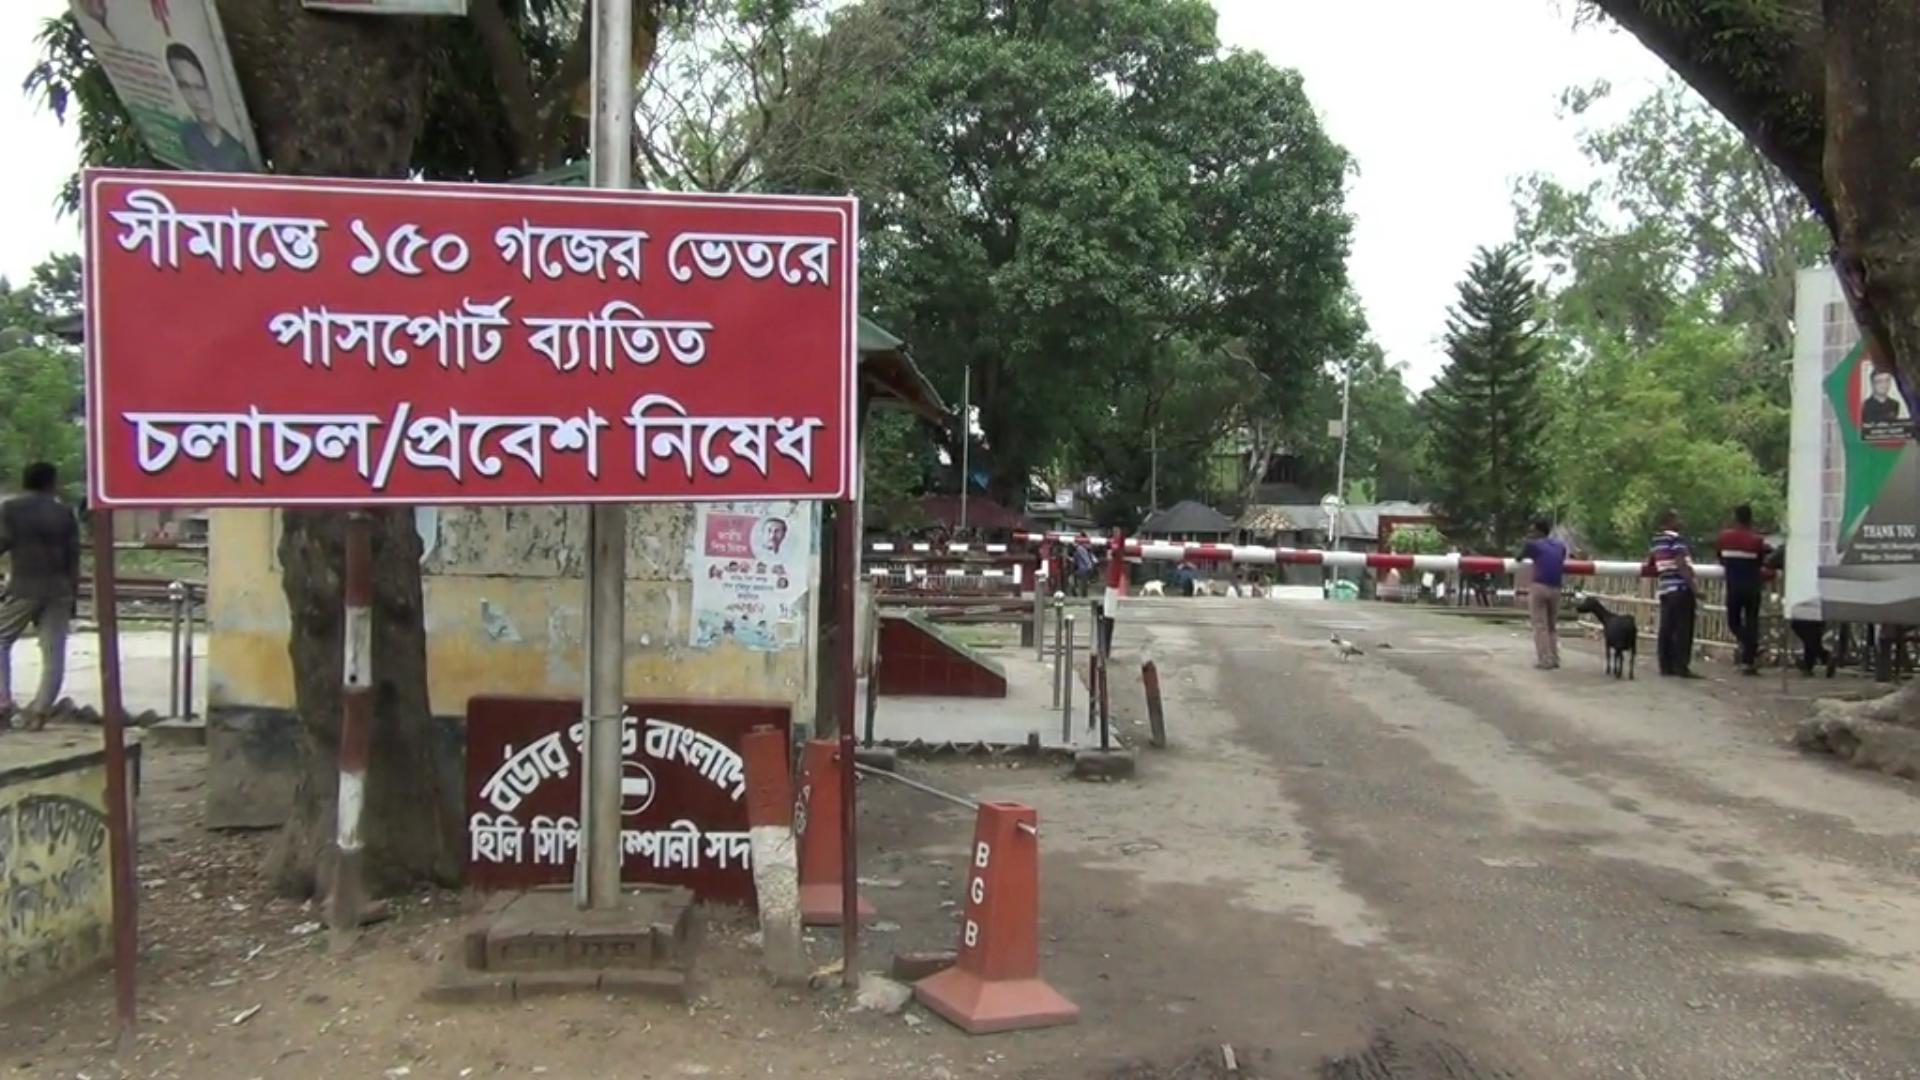 বুদ্ধপূর্ণিমা উপলক্ষে হিলি স্থলবন্দর দিয়ে আমদানি-রপ্তানি বন্ধ